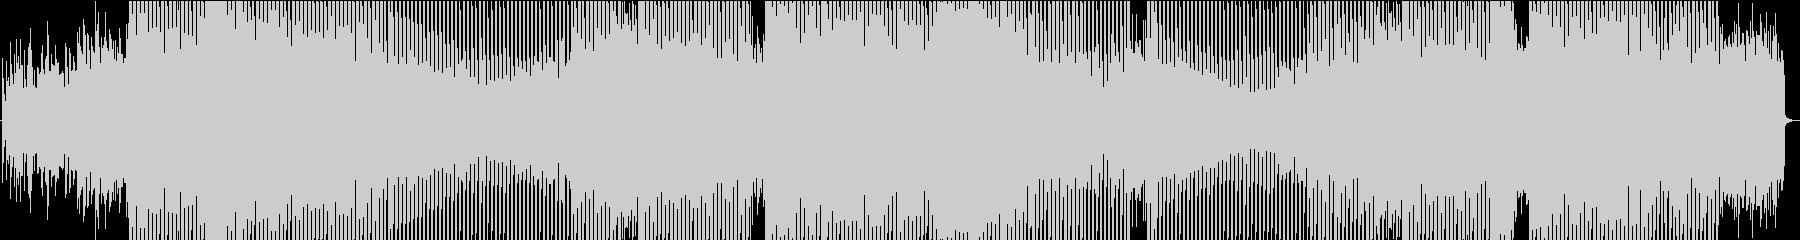 陶酔的なポップシンセサウンドの未再生の波形